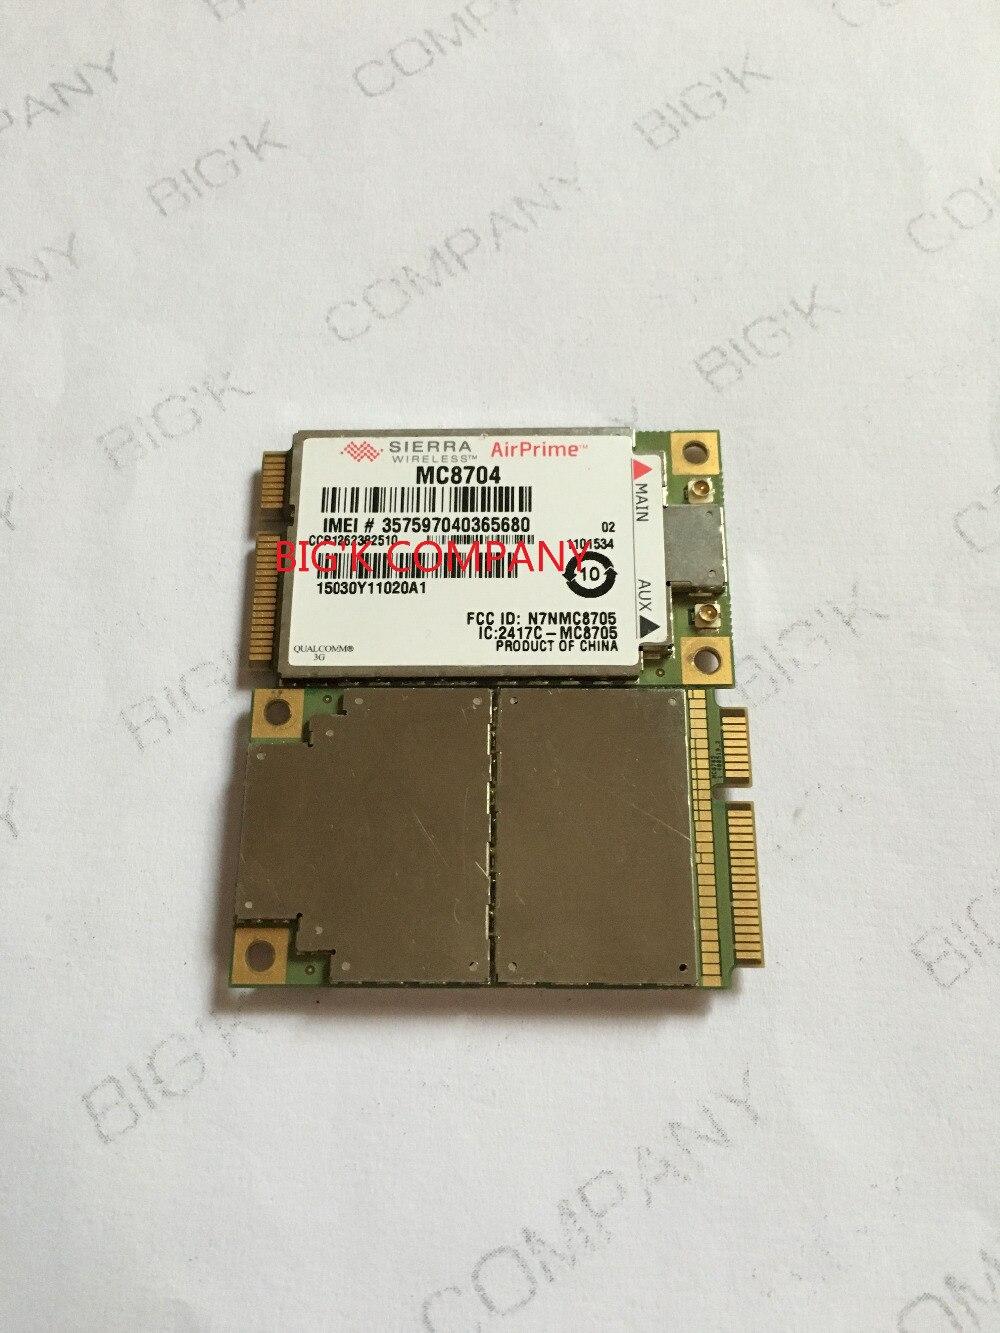 JINYUSHI For WWAN card MC8704 PCI-E HSUPA HSDPA WCDMA 3G module support GPS 100% NEW&Original   stock 1PCS Free Shipping shipping for huawei me906j 3g 4g wwan lte module quad band wcdma gps ngff internal wireless m 2 card